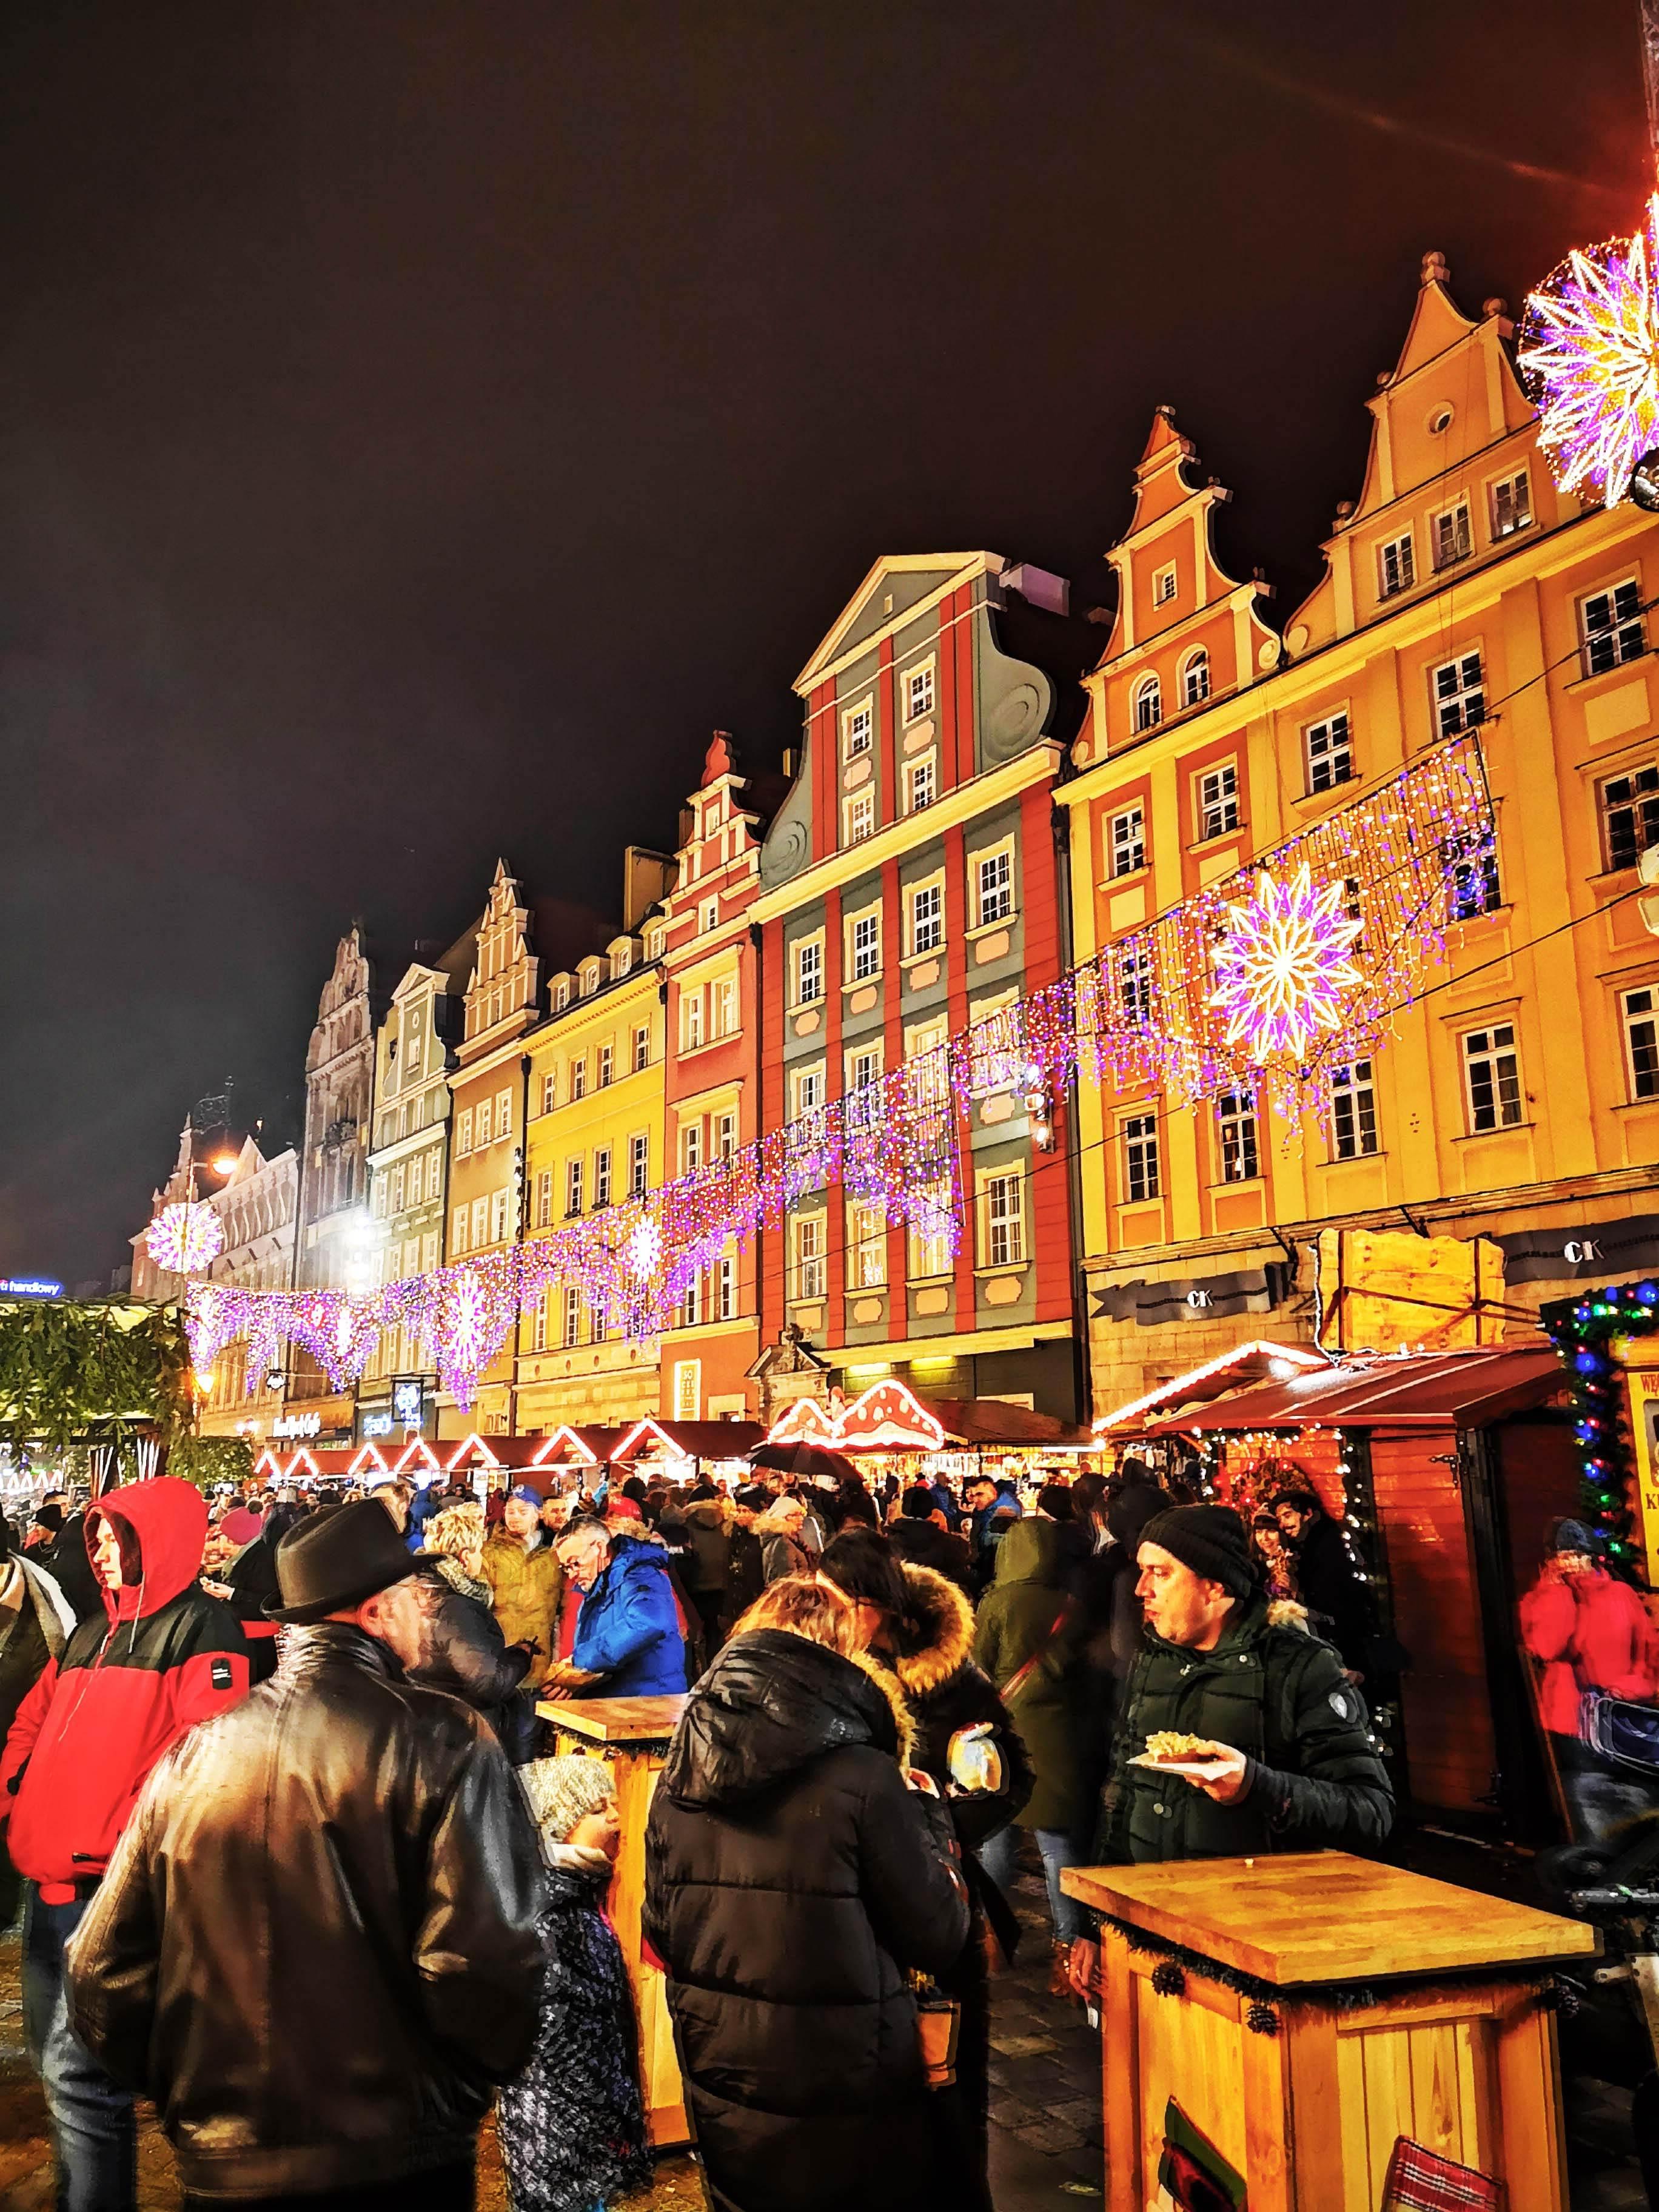 tradizioni_natalizie_in_europa